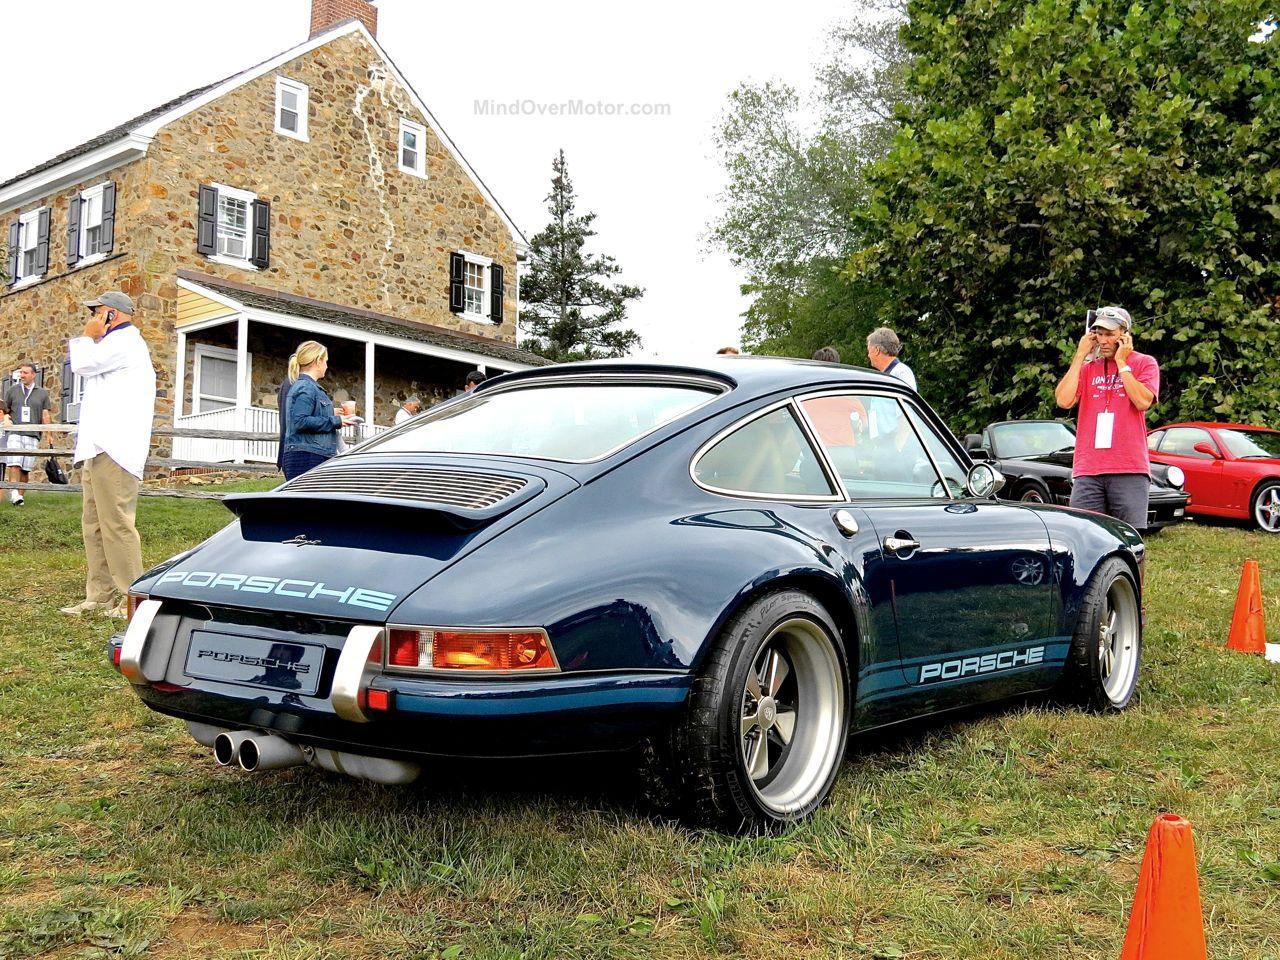 Singer Porsche 911 Radnor Hunt 4